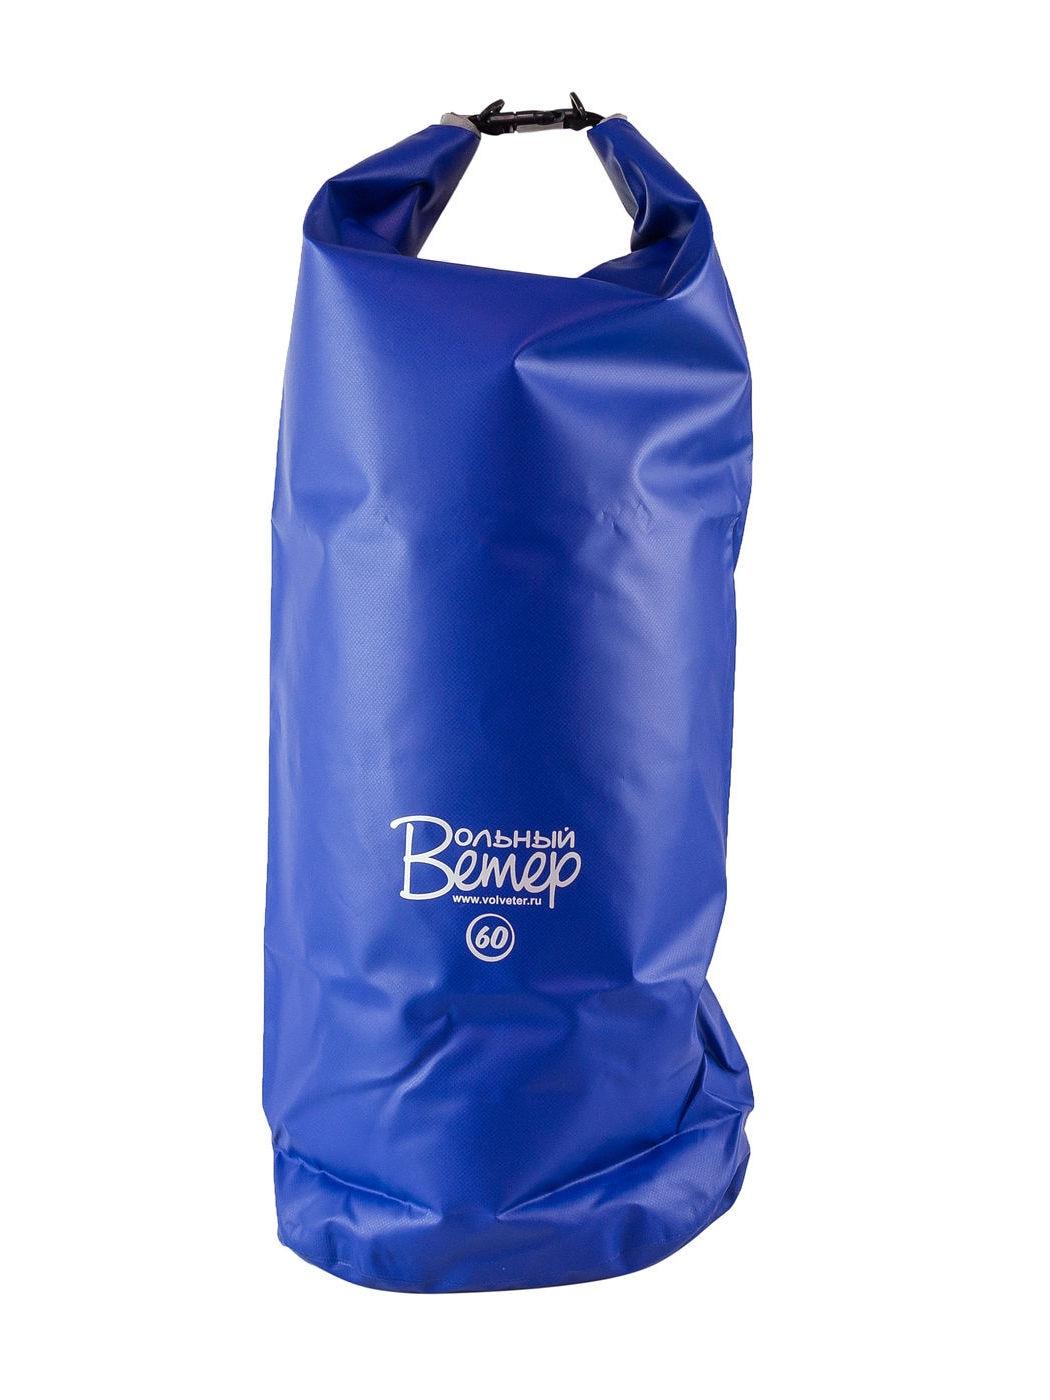 PVC Bag 60L Blue 21003_blue